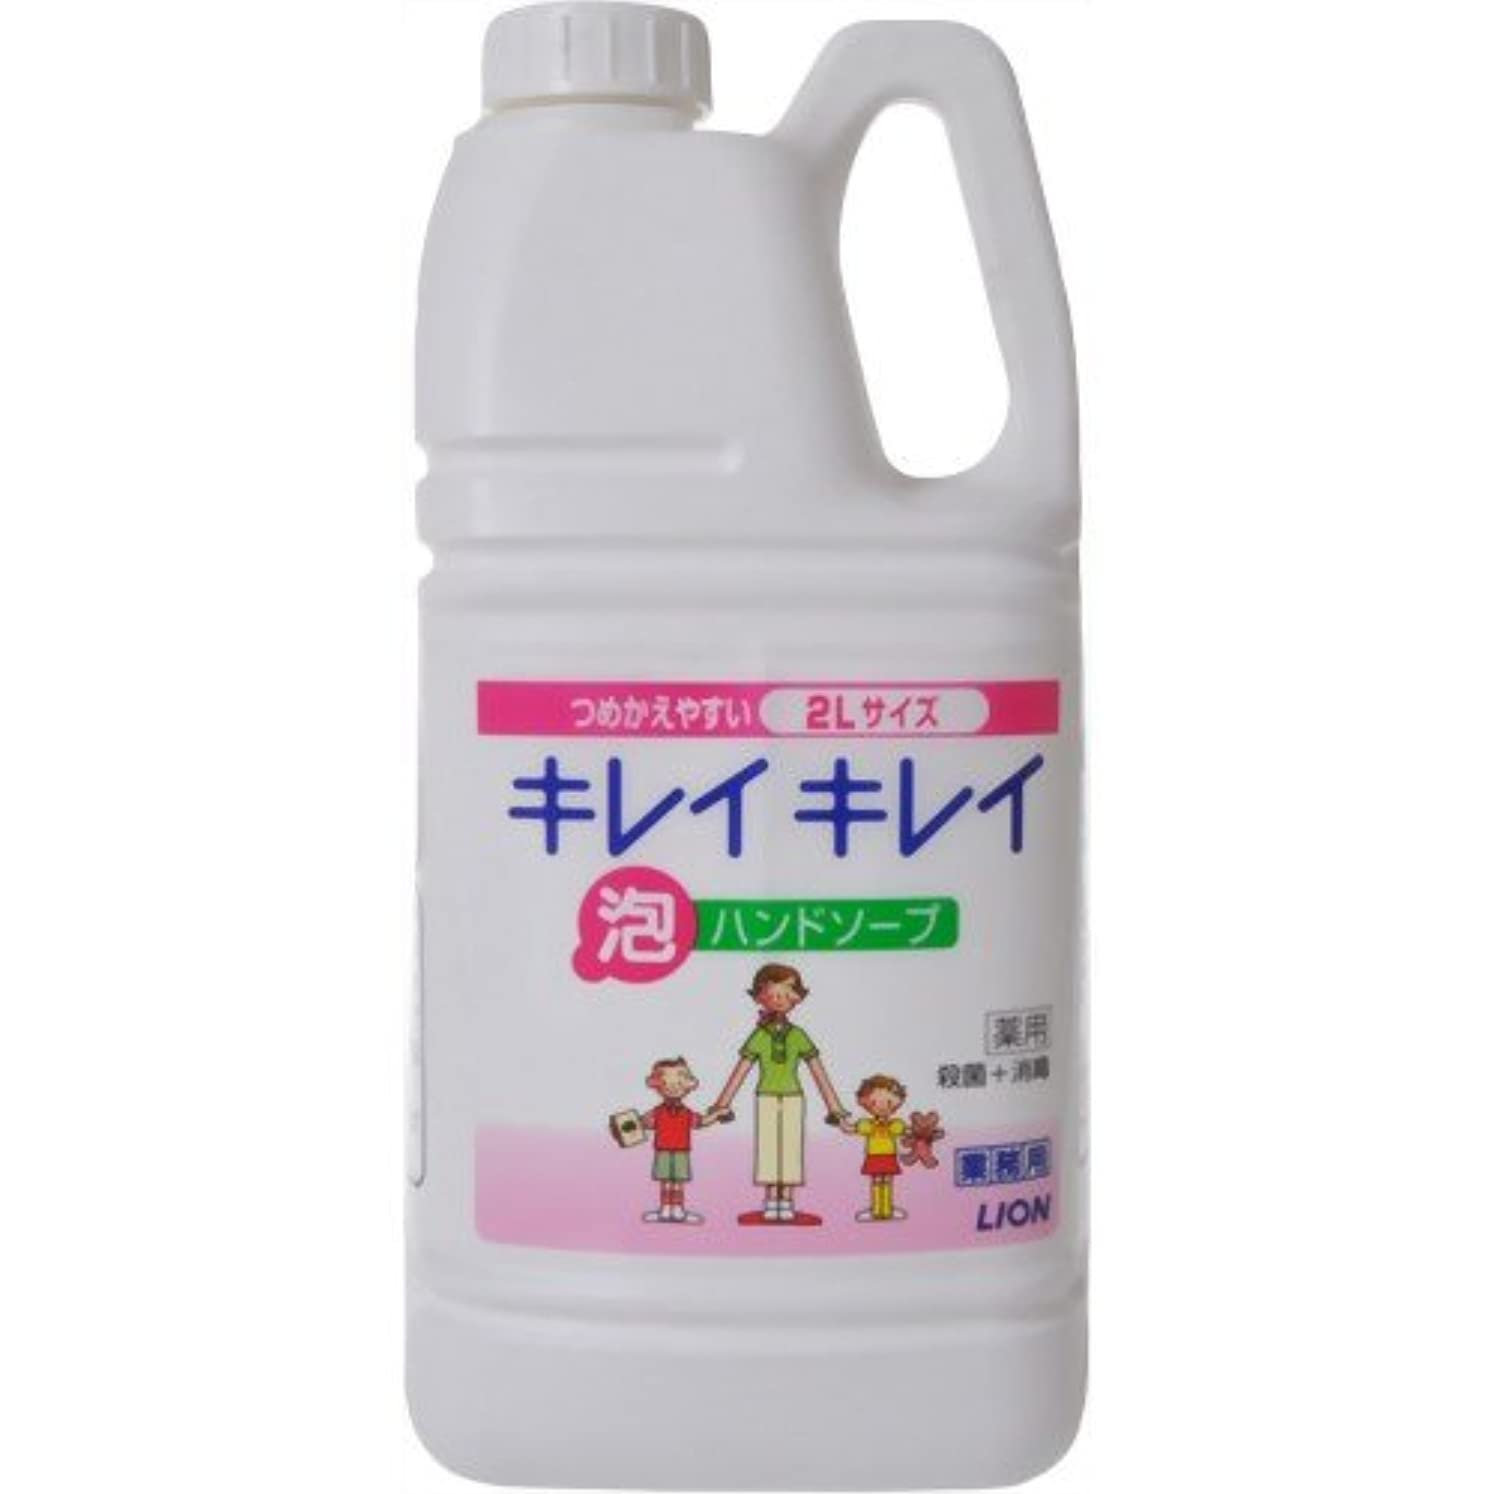 性別ずるい結果キレイキレイ薬用泡ハンドソープ2L(業務用)